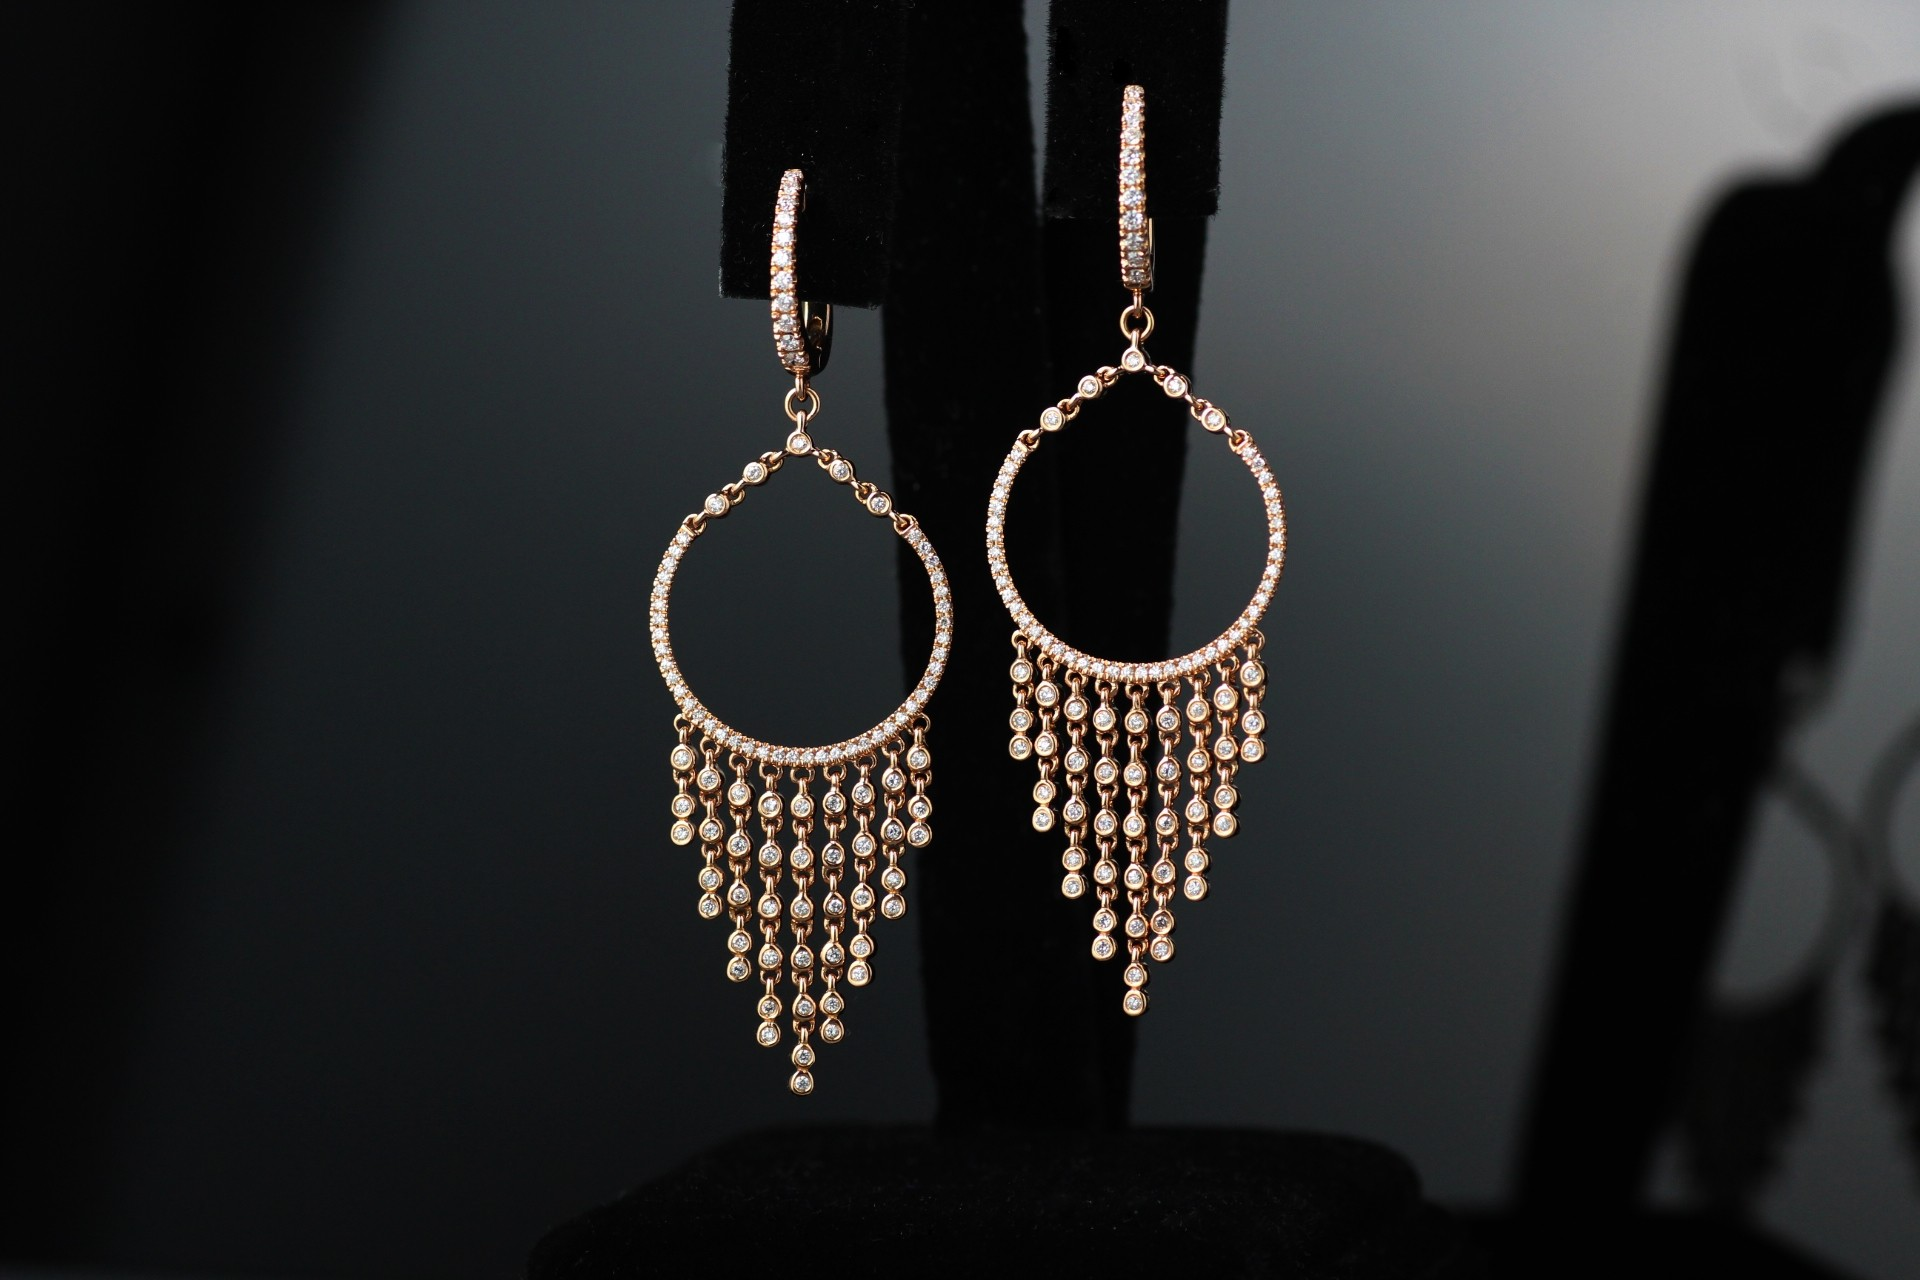 18 karat rose gold diamond chandelier earrings.